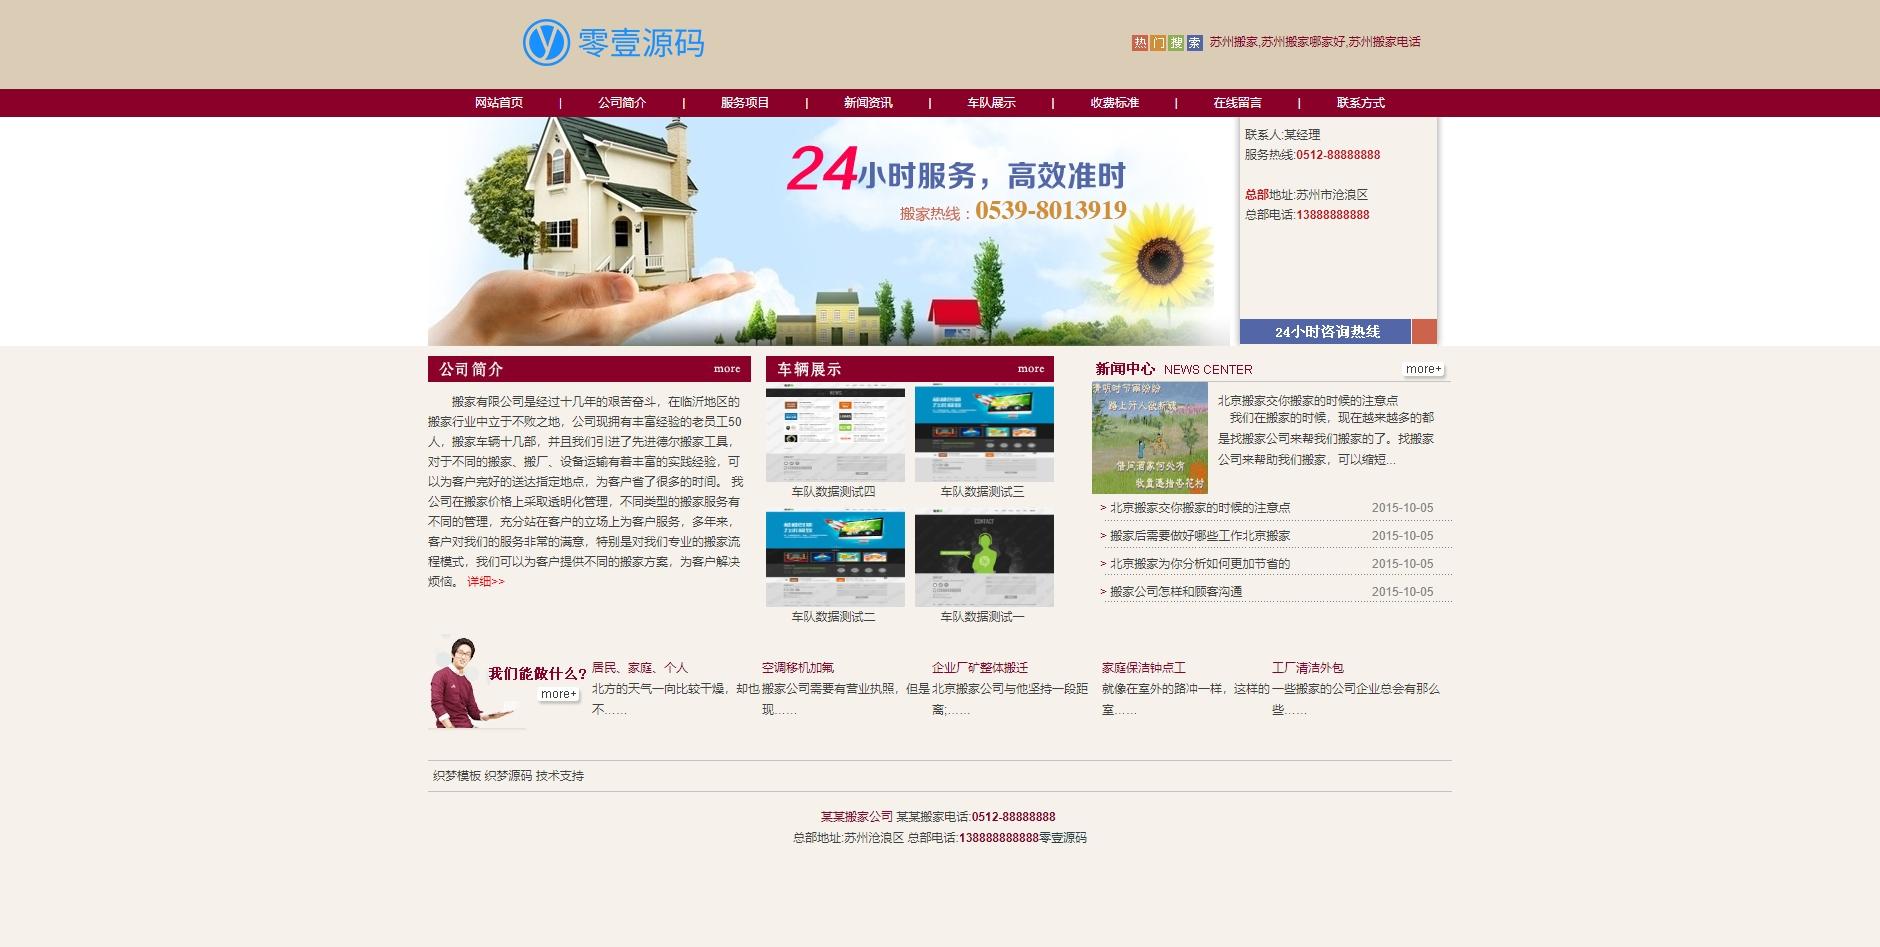 家政搬家货运类企业公司网站织梦dedecms模板